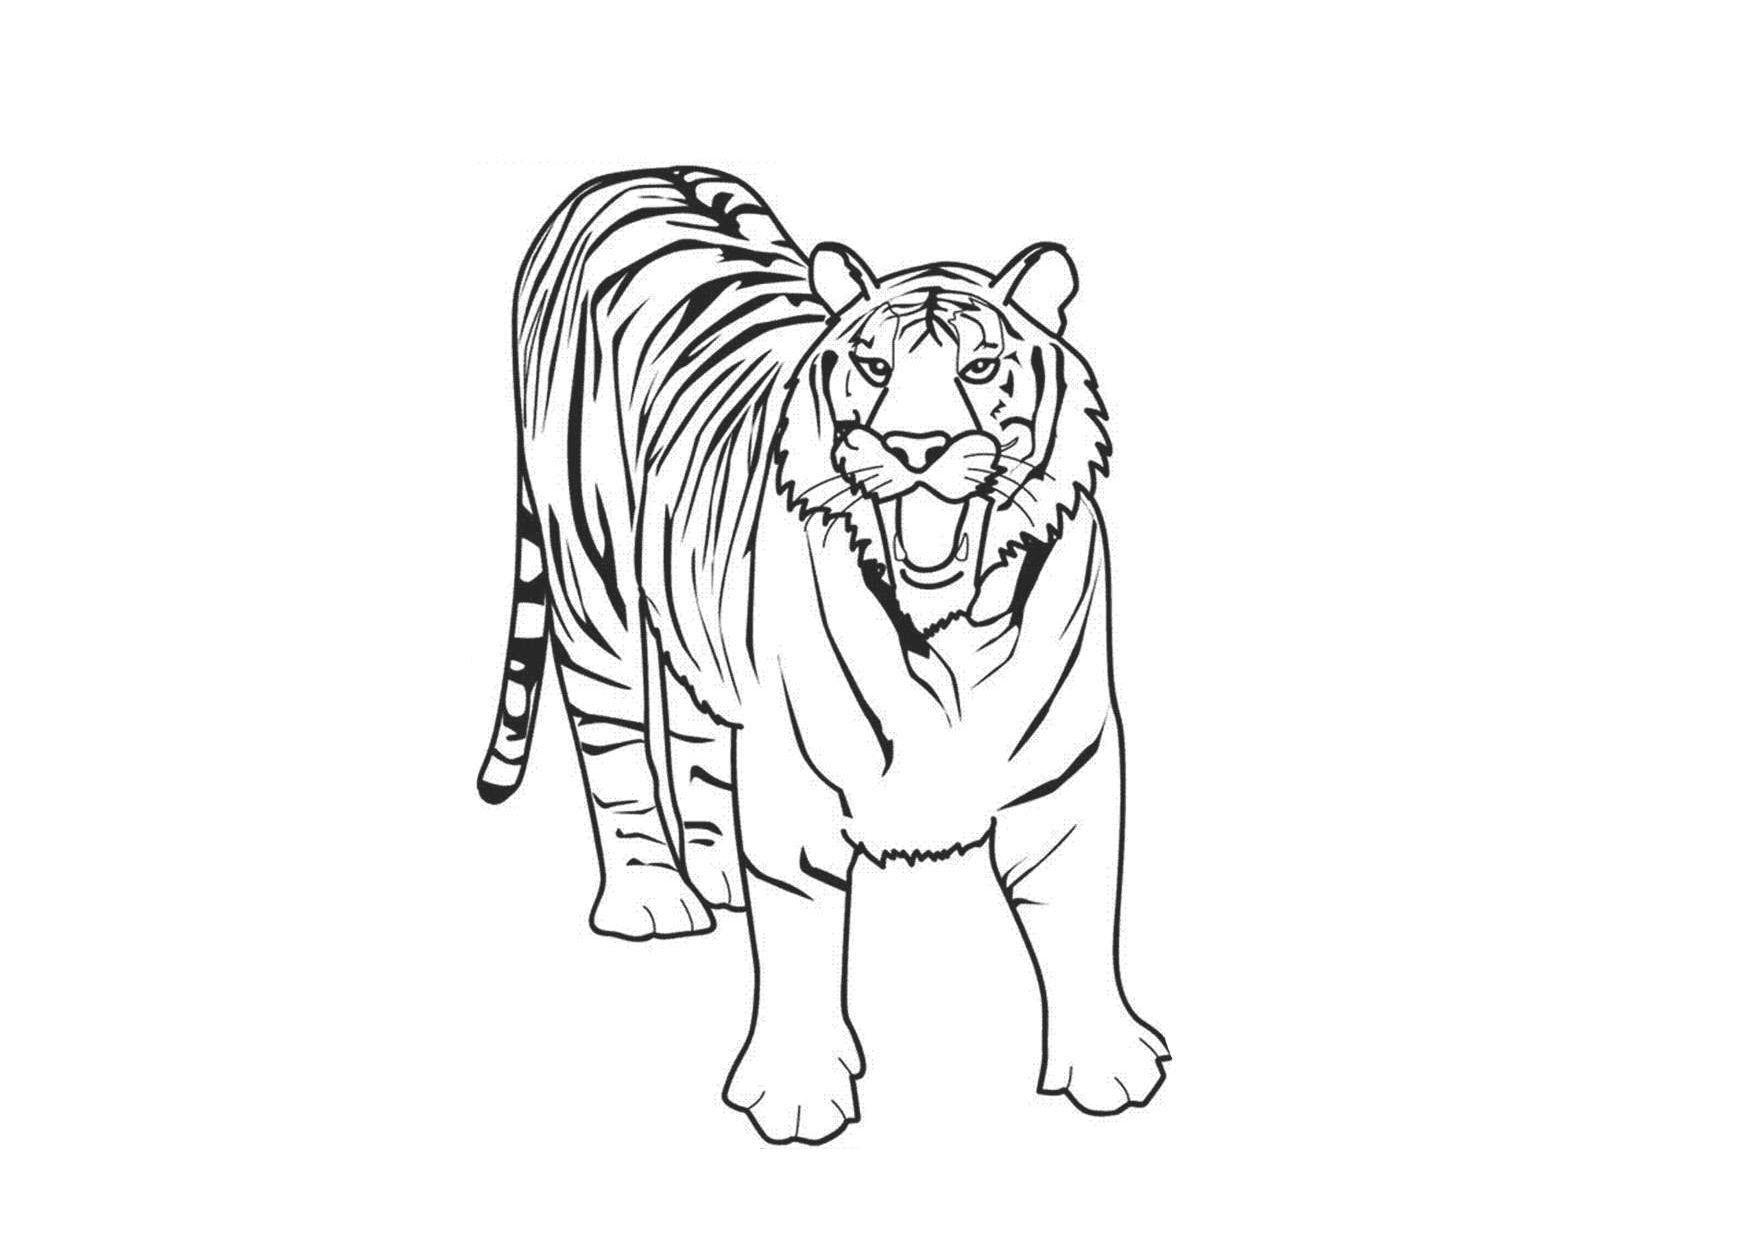 Tranh tô màu con hổ cho bé đẹp